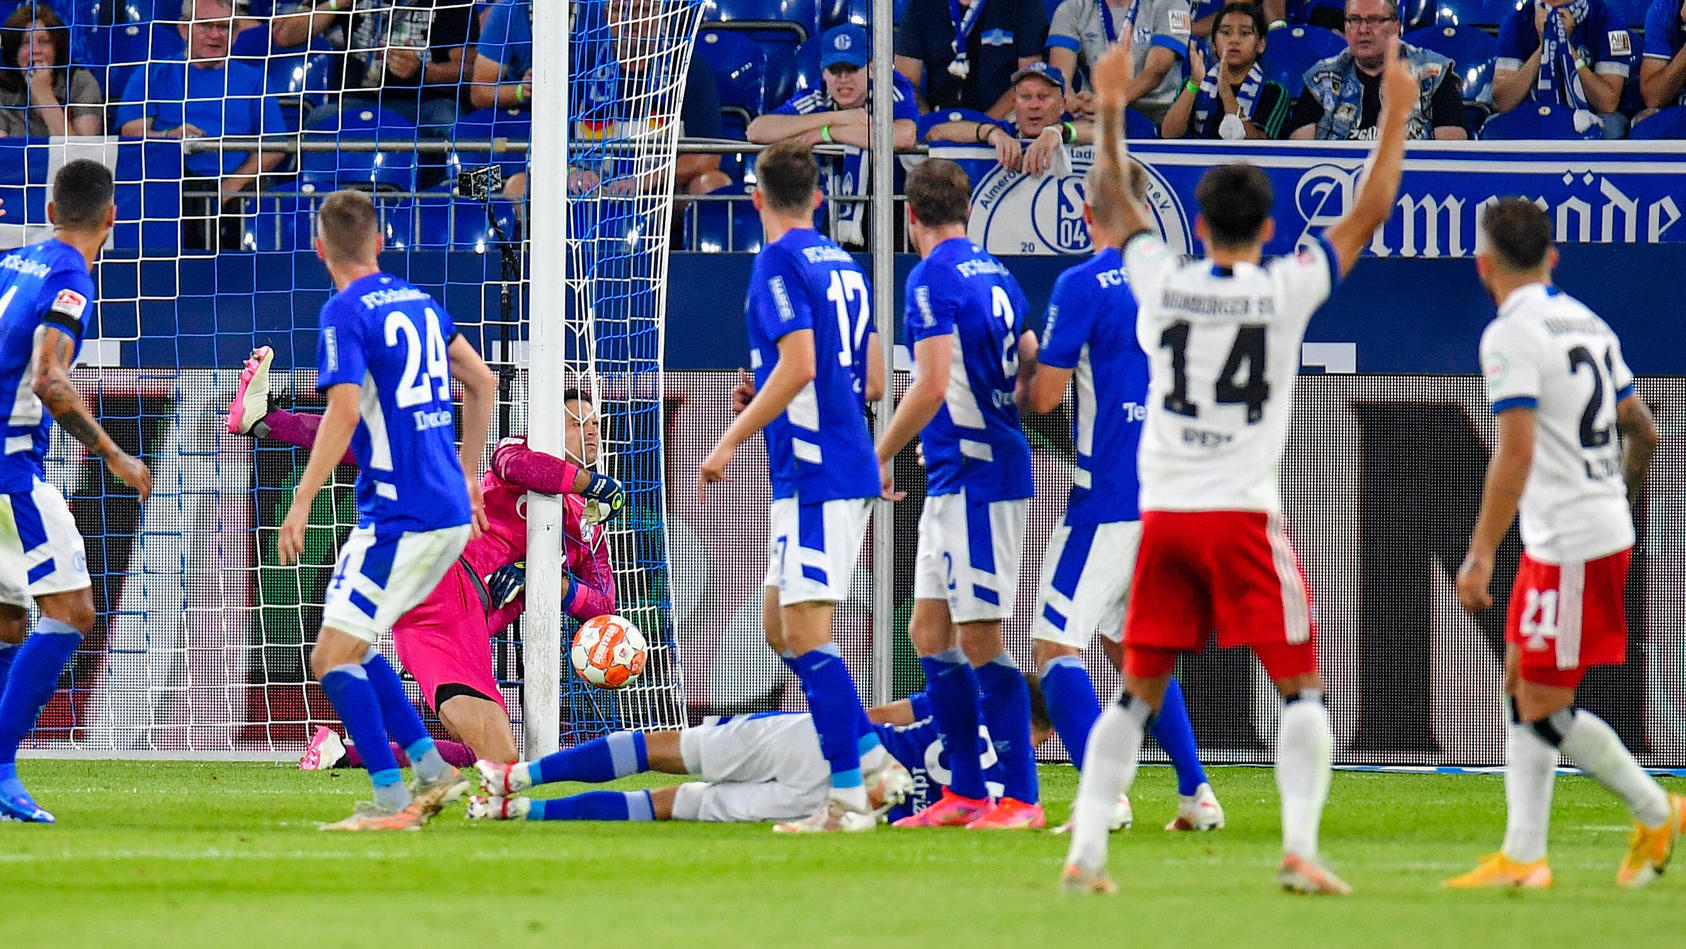 Der HSV gewann das Eröffnungsspiel der 2. Liga auf Schalke